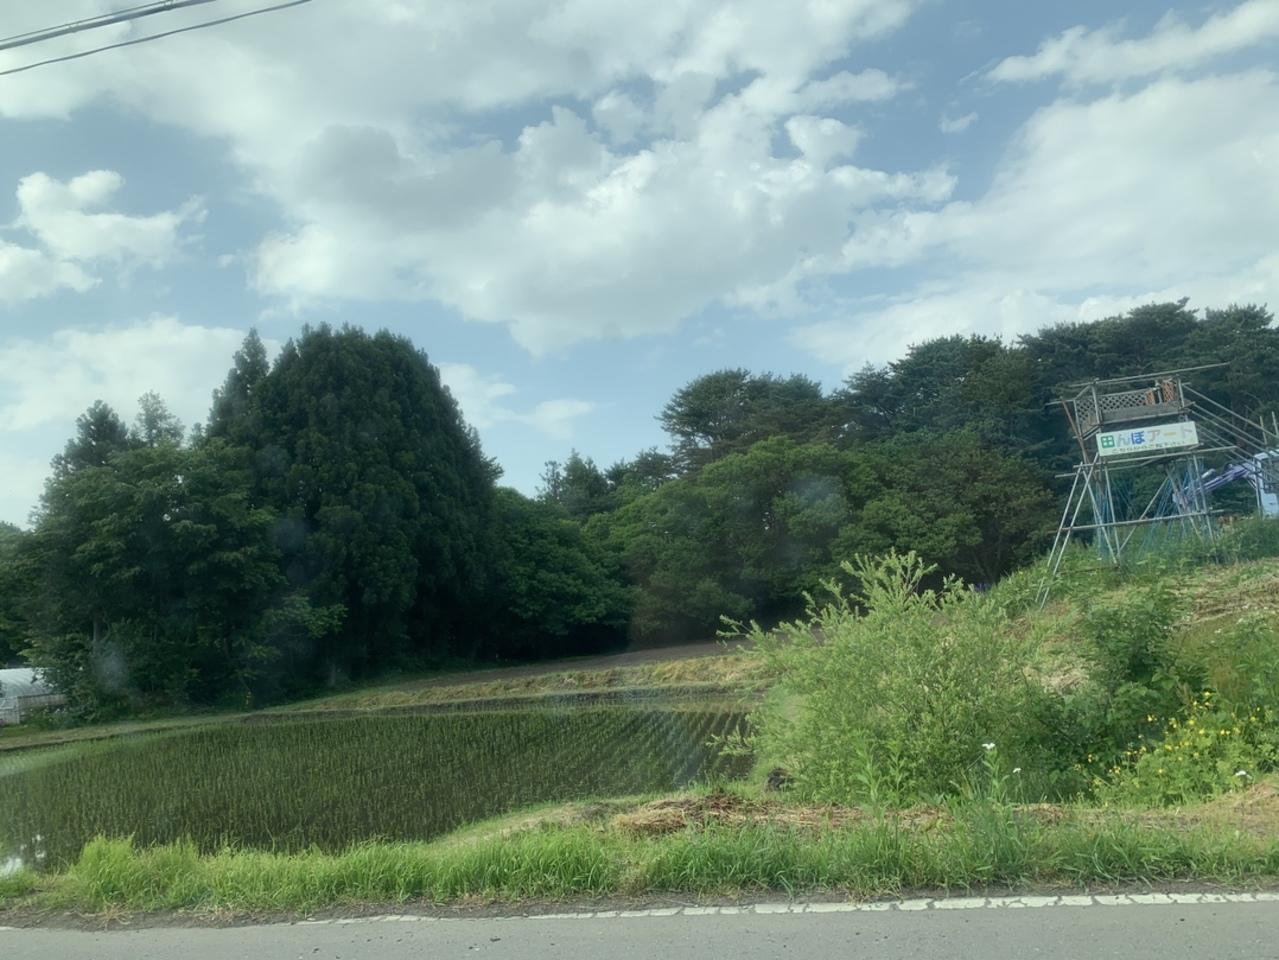 青森県三戸郡階上町 「階上町田んぼアート」 2020年は中止するそうです。